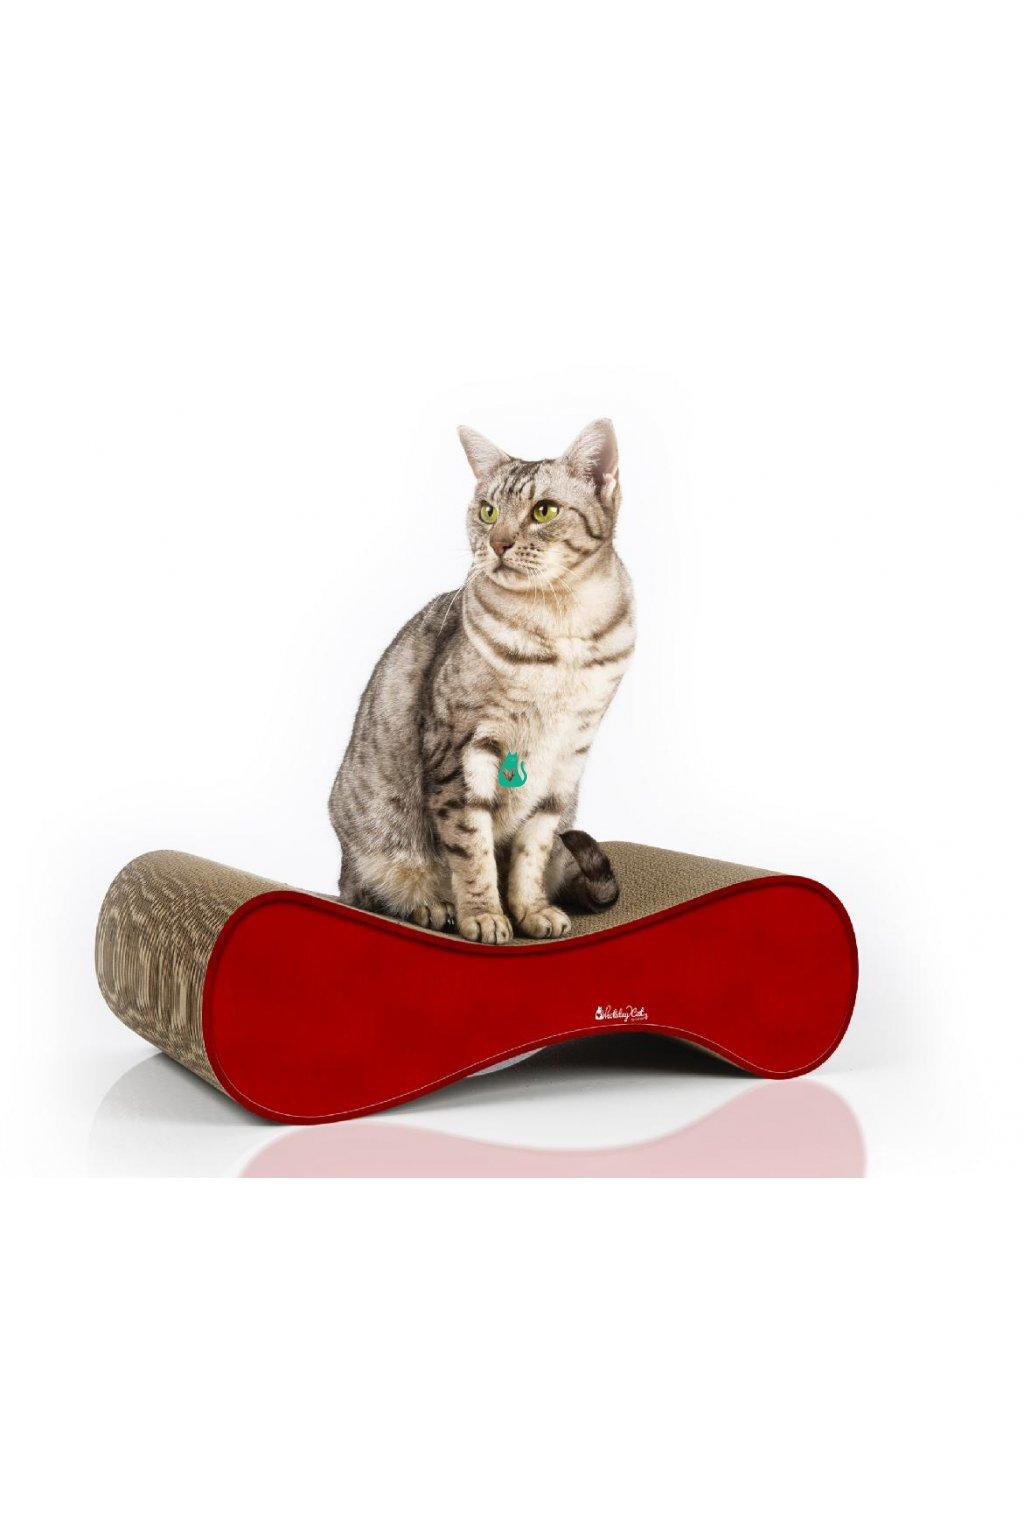 La Ver, velikost S, ČERVENÉ, pevné kartonové škrabadlo pro kočky